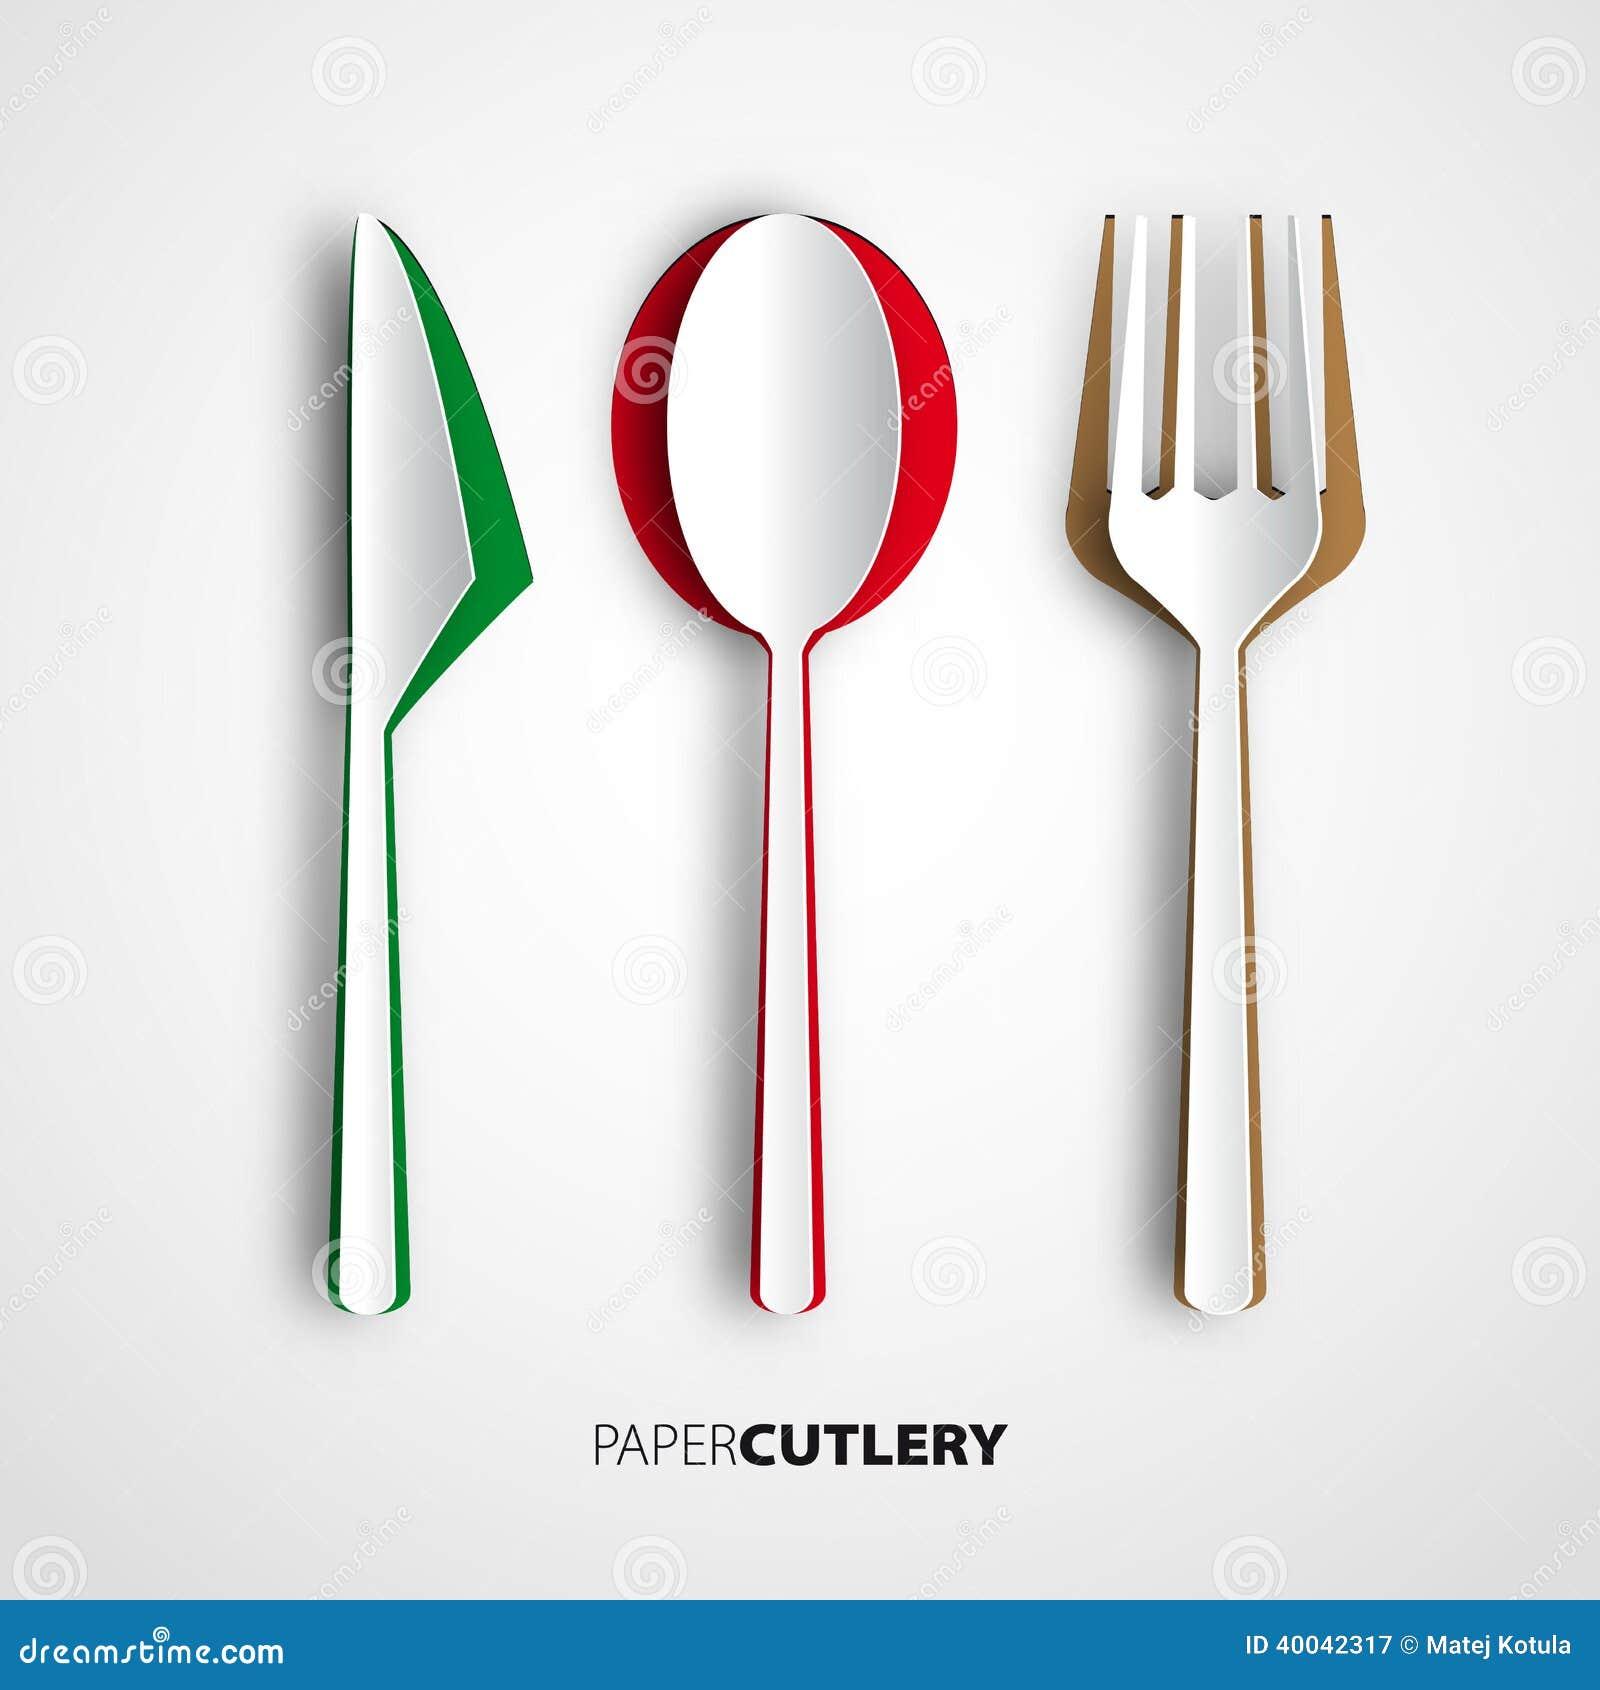 Papercut cutlery vector restaurant card menu stock